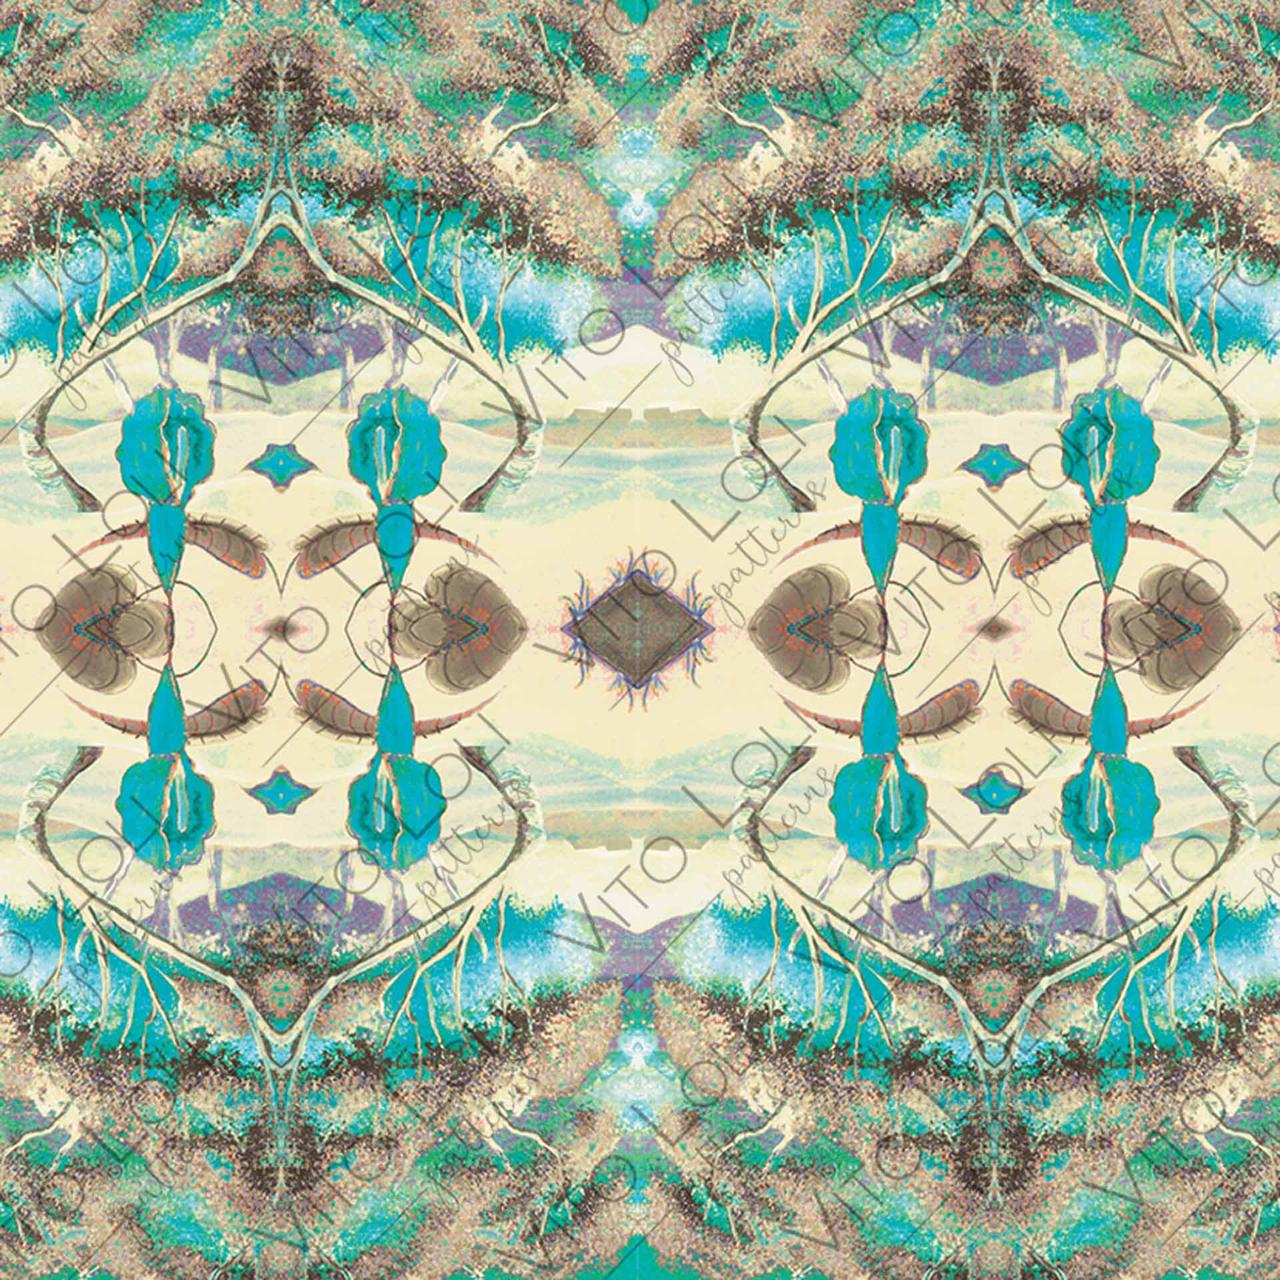 Loli Peruvian Patterns